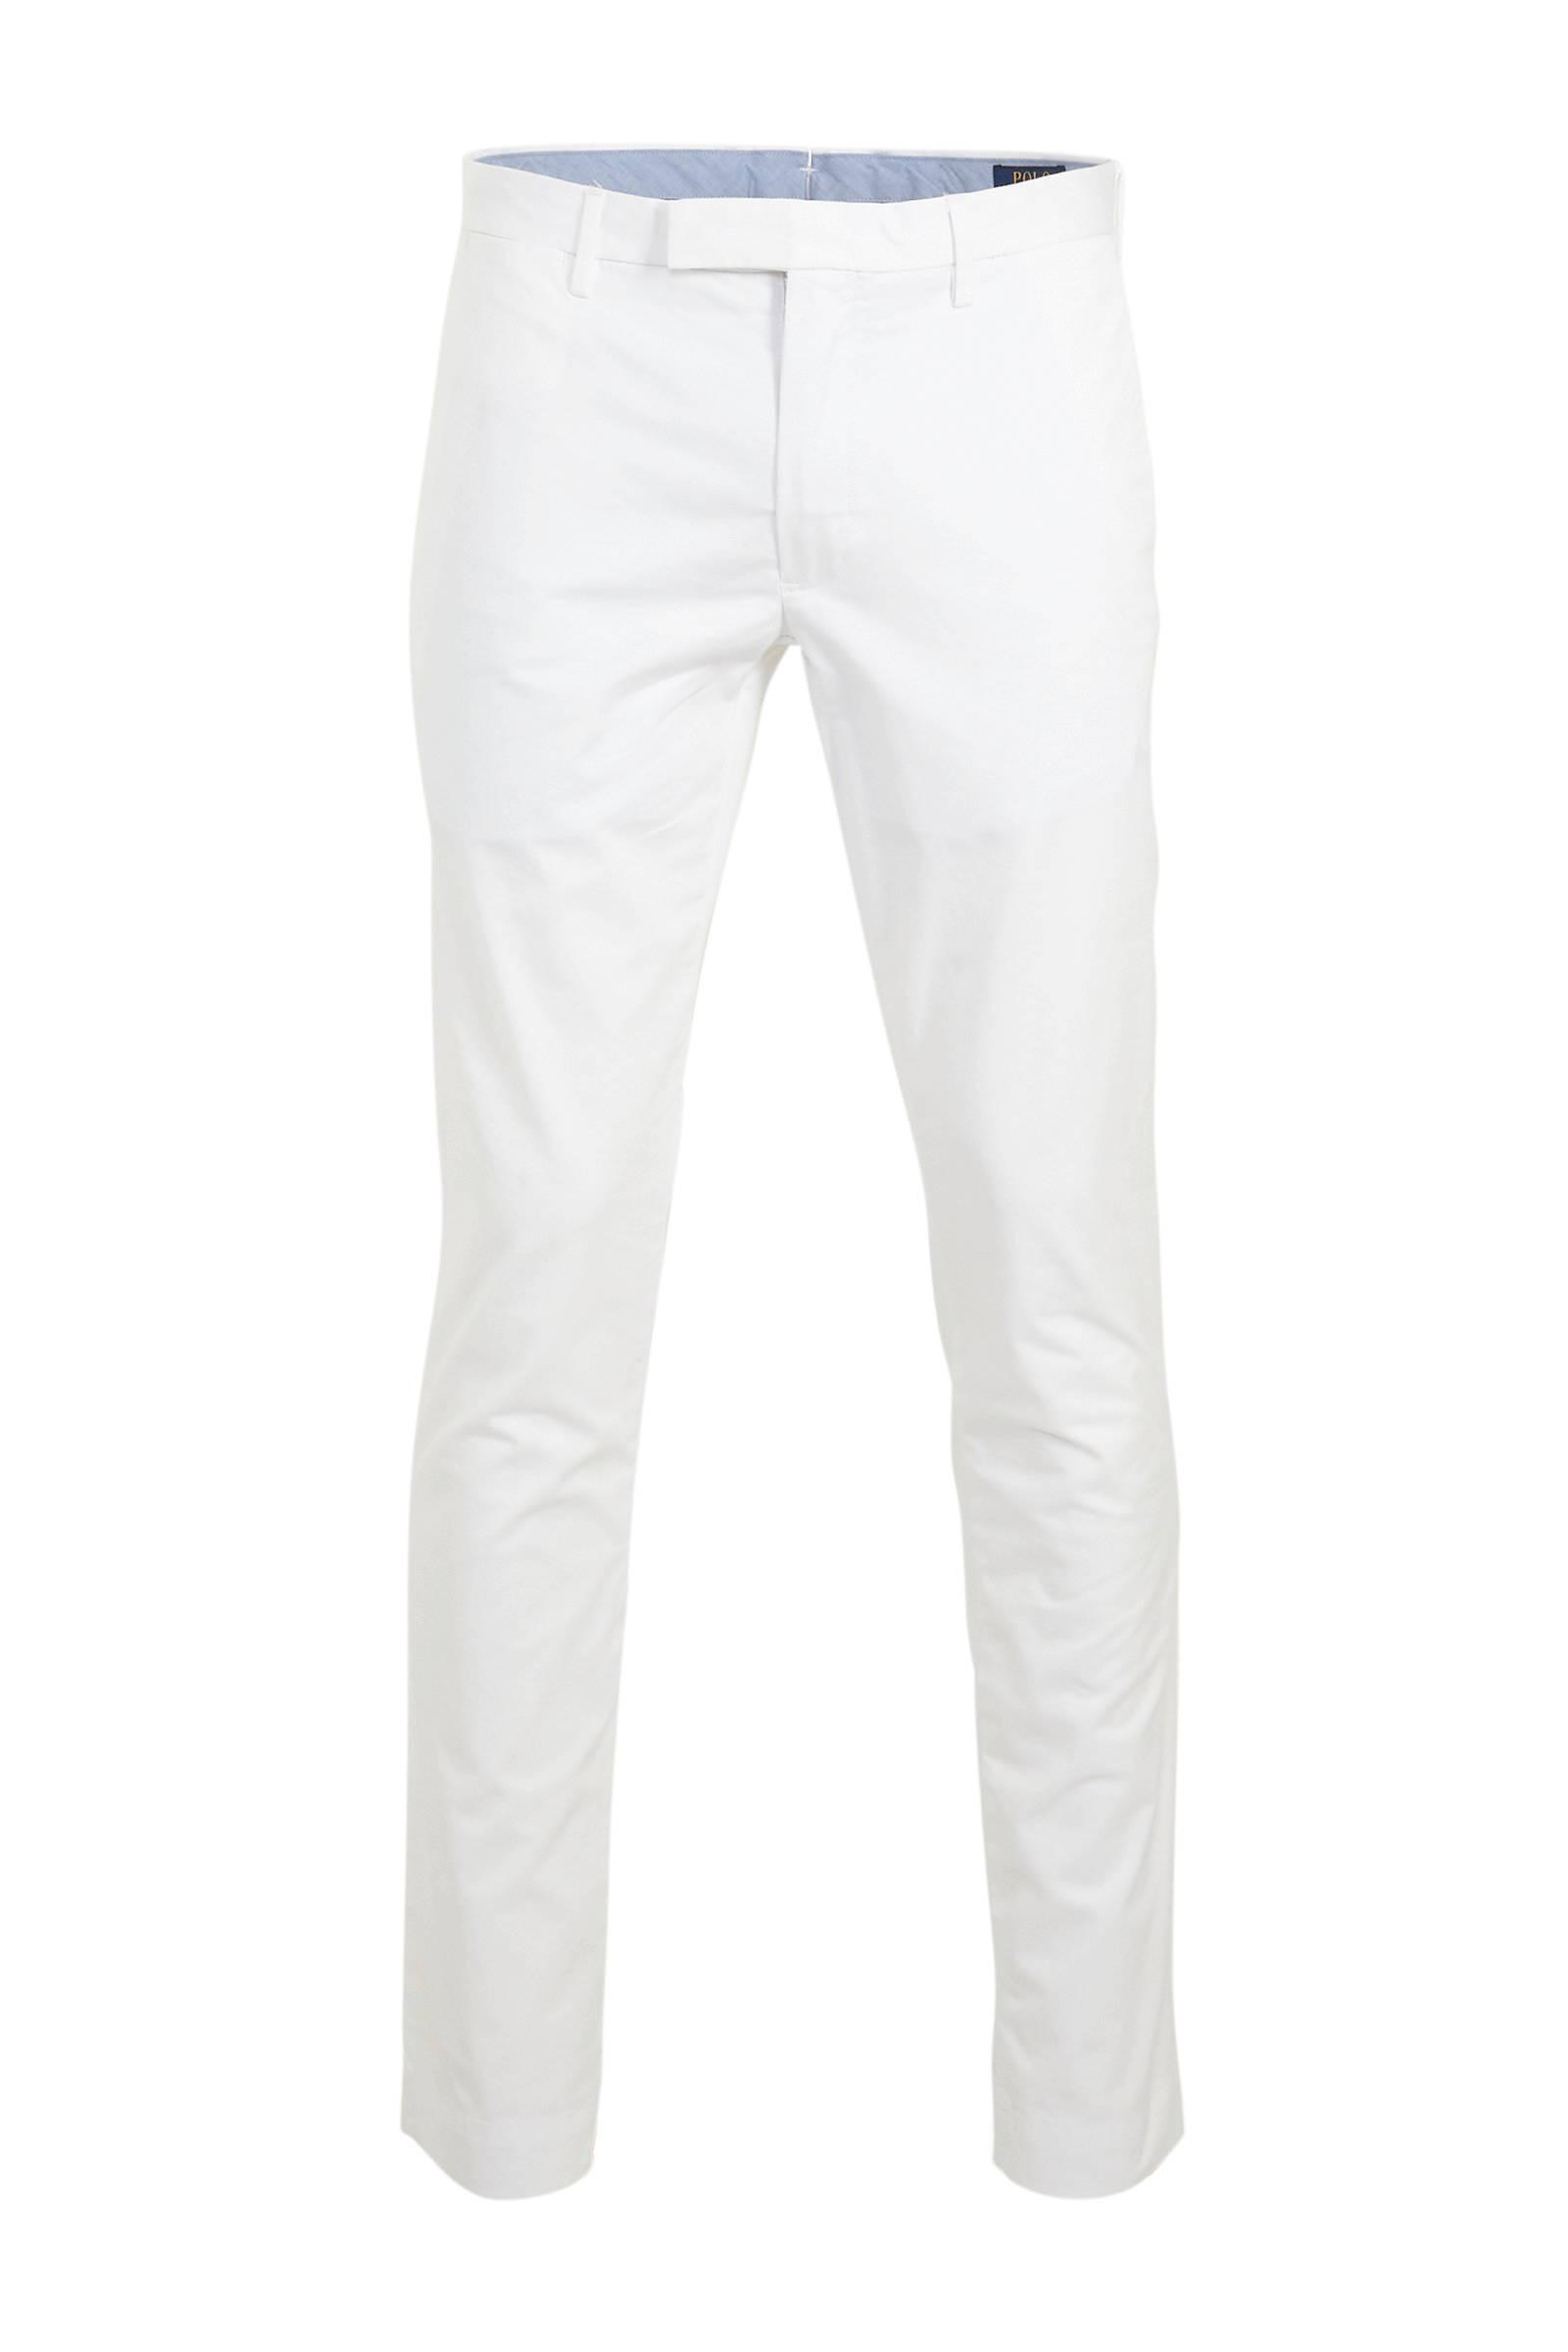 POLO Ralph Lauren sALE: Jeans & broeken heren bij wehkamp